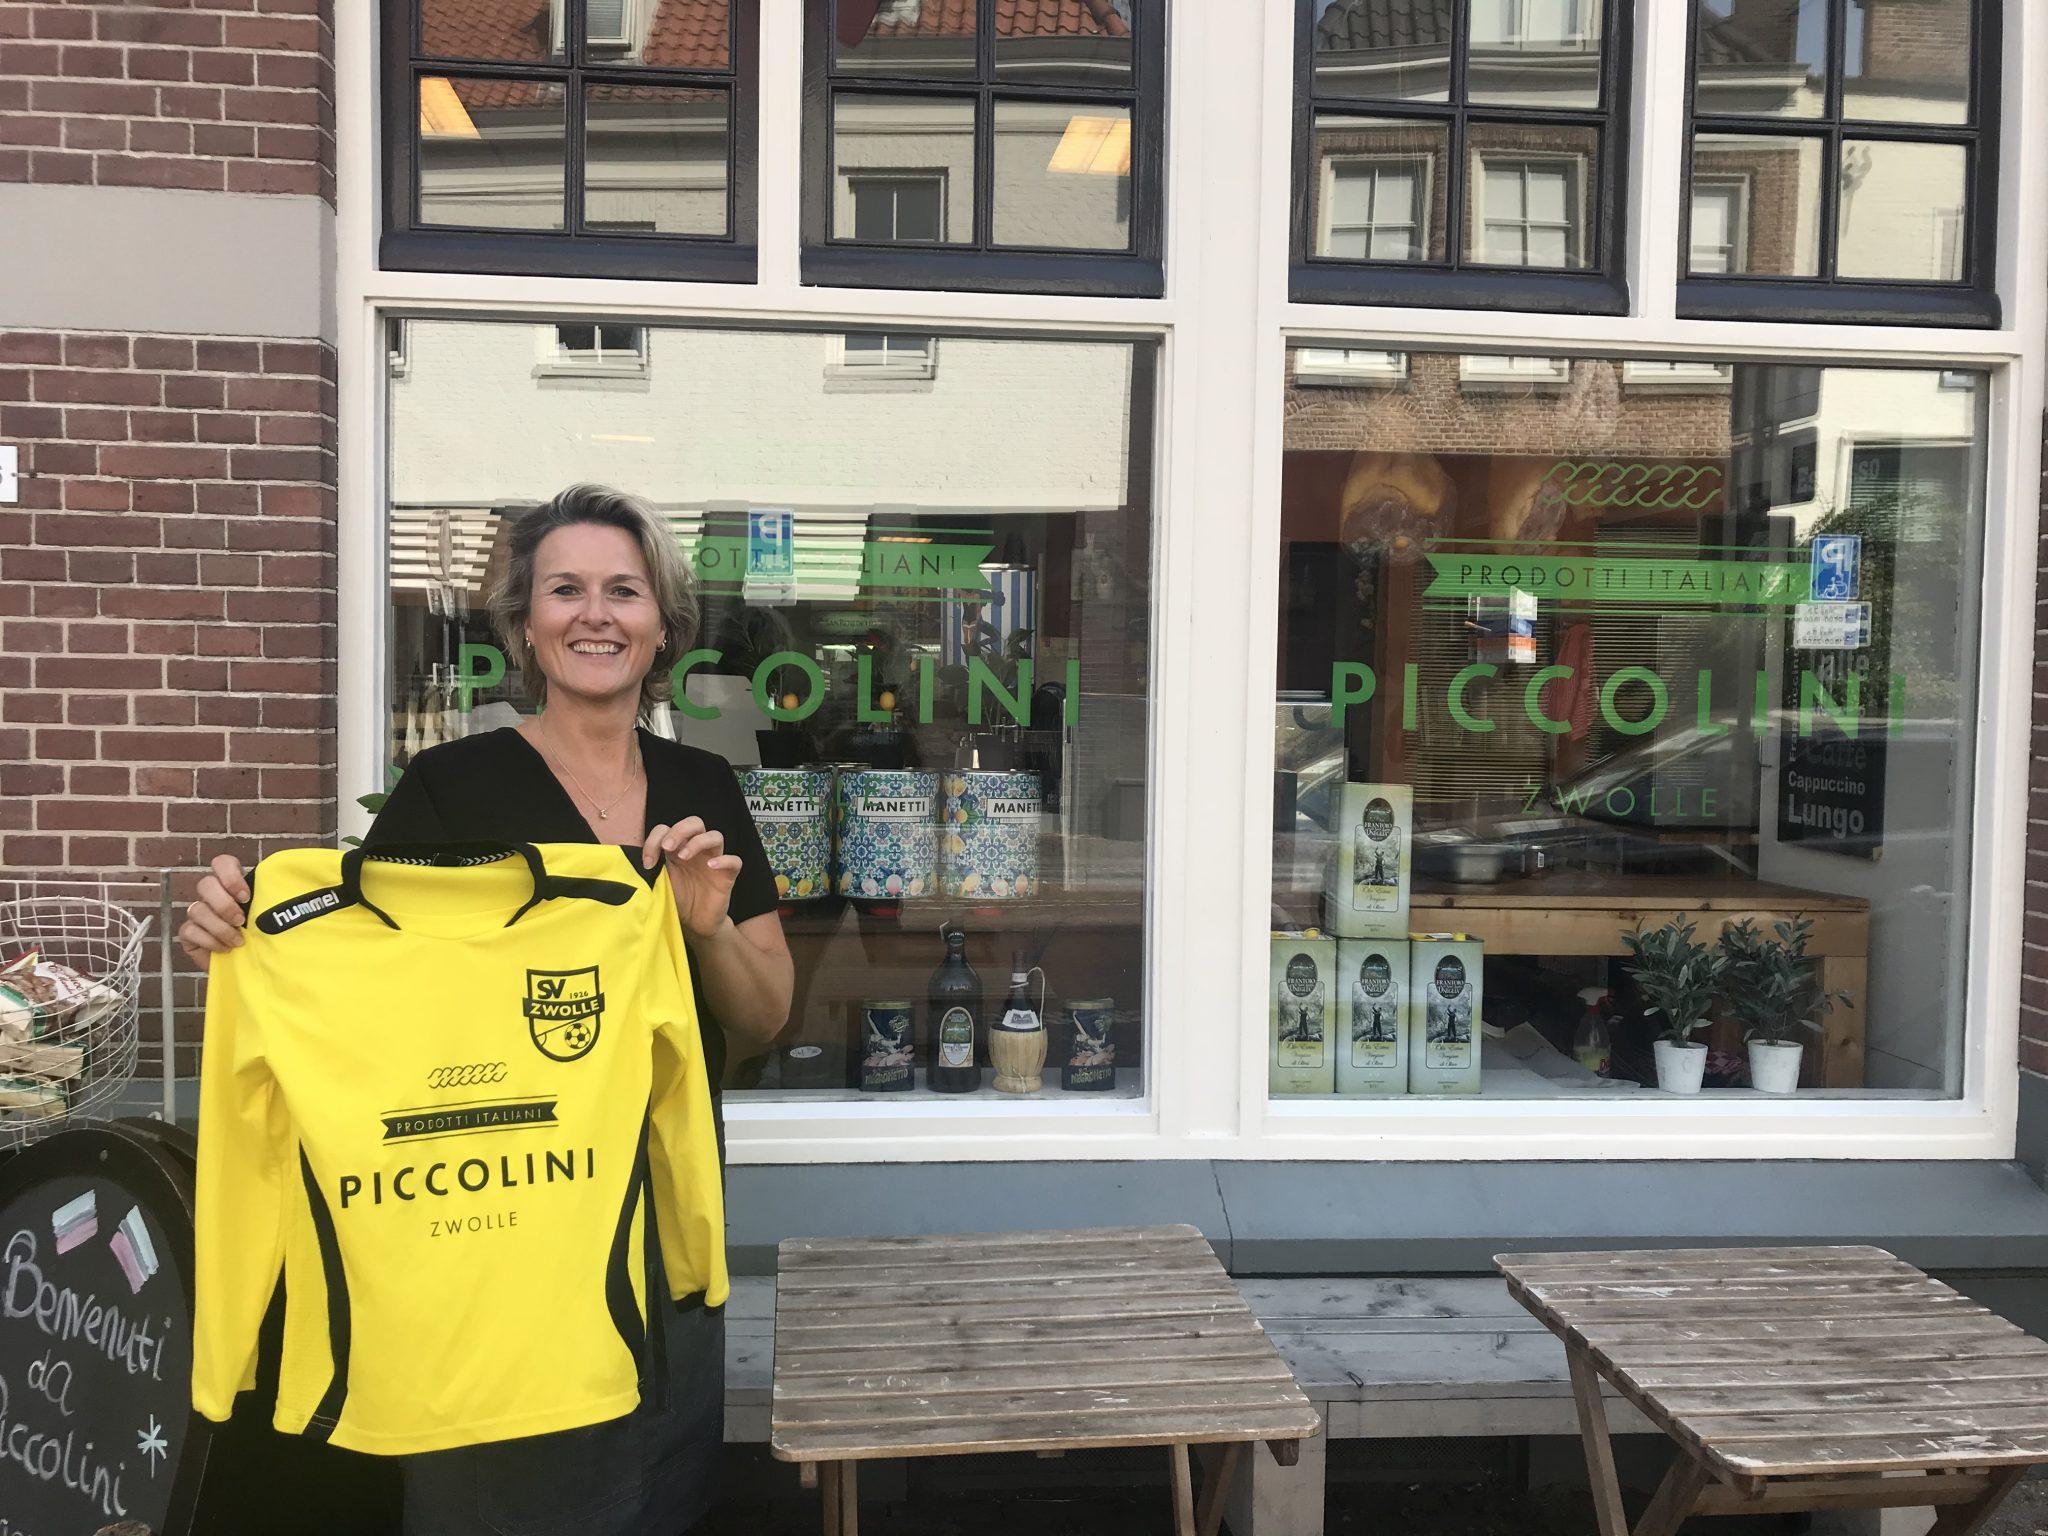 Piccolini blijft shirtsponsor jeugdteam SV Zwolle